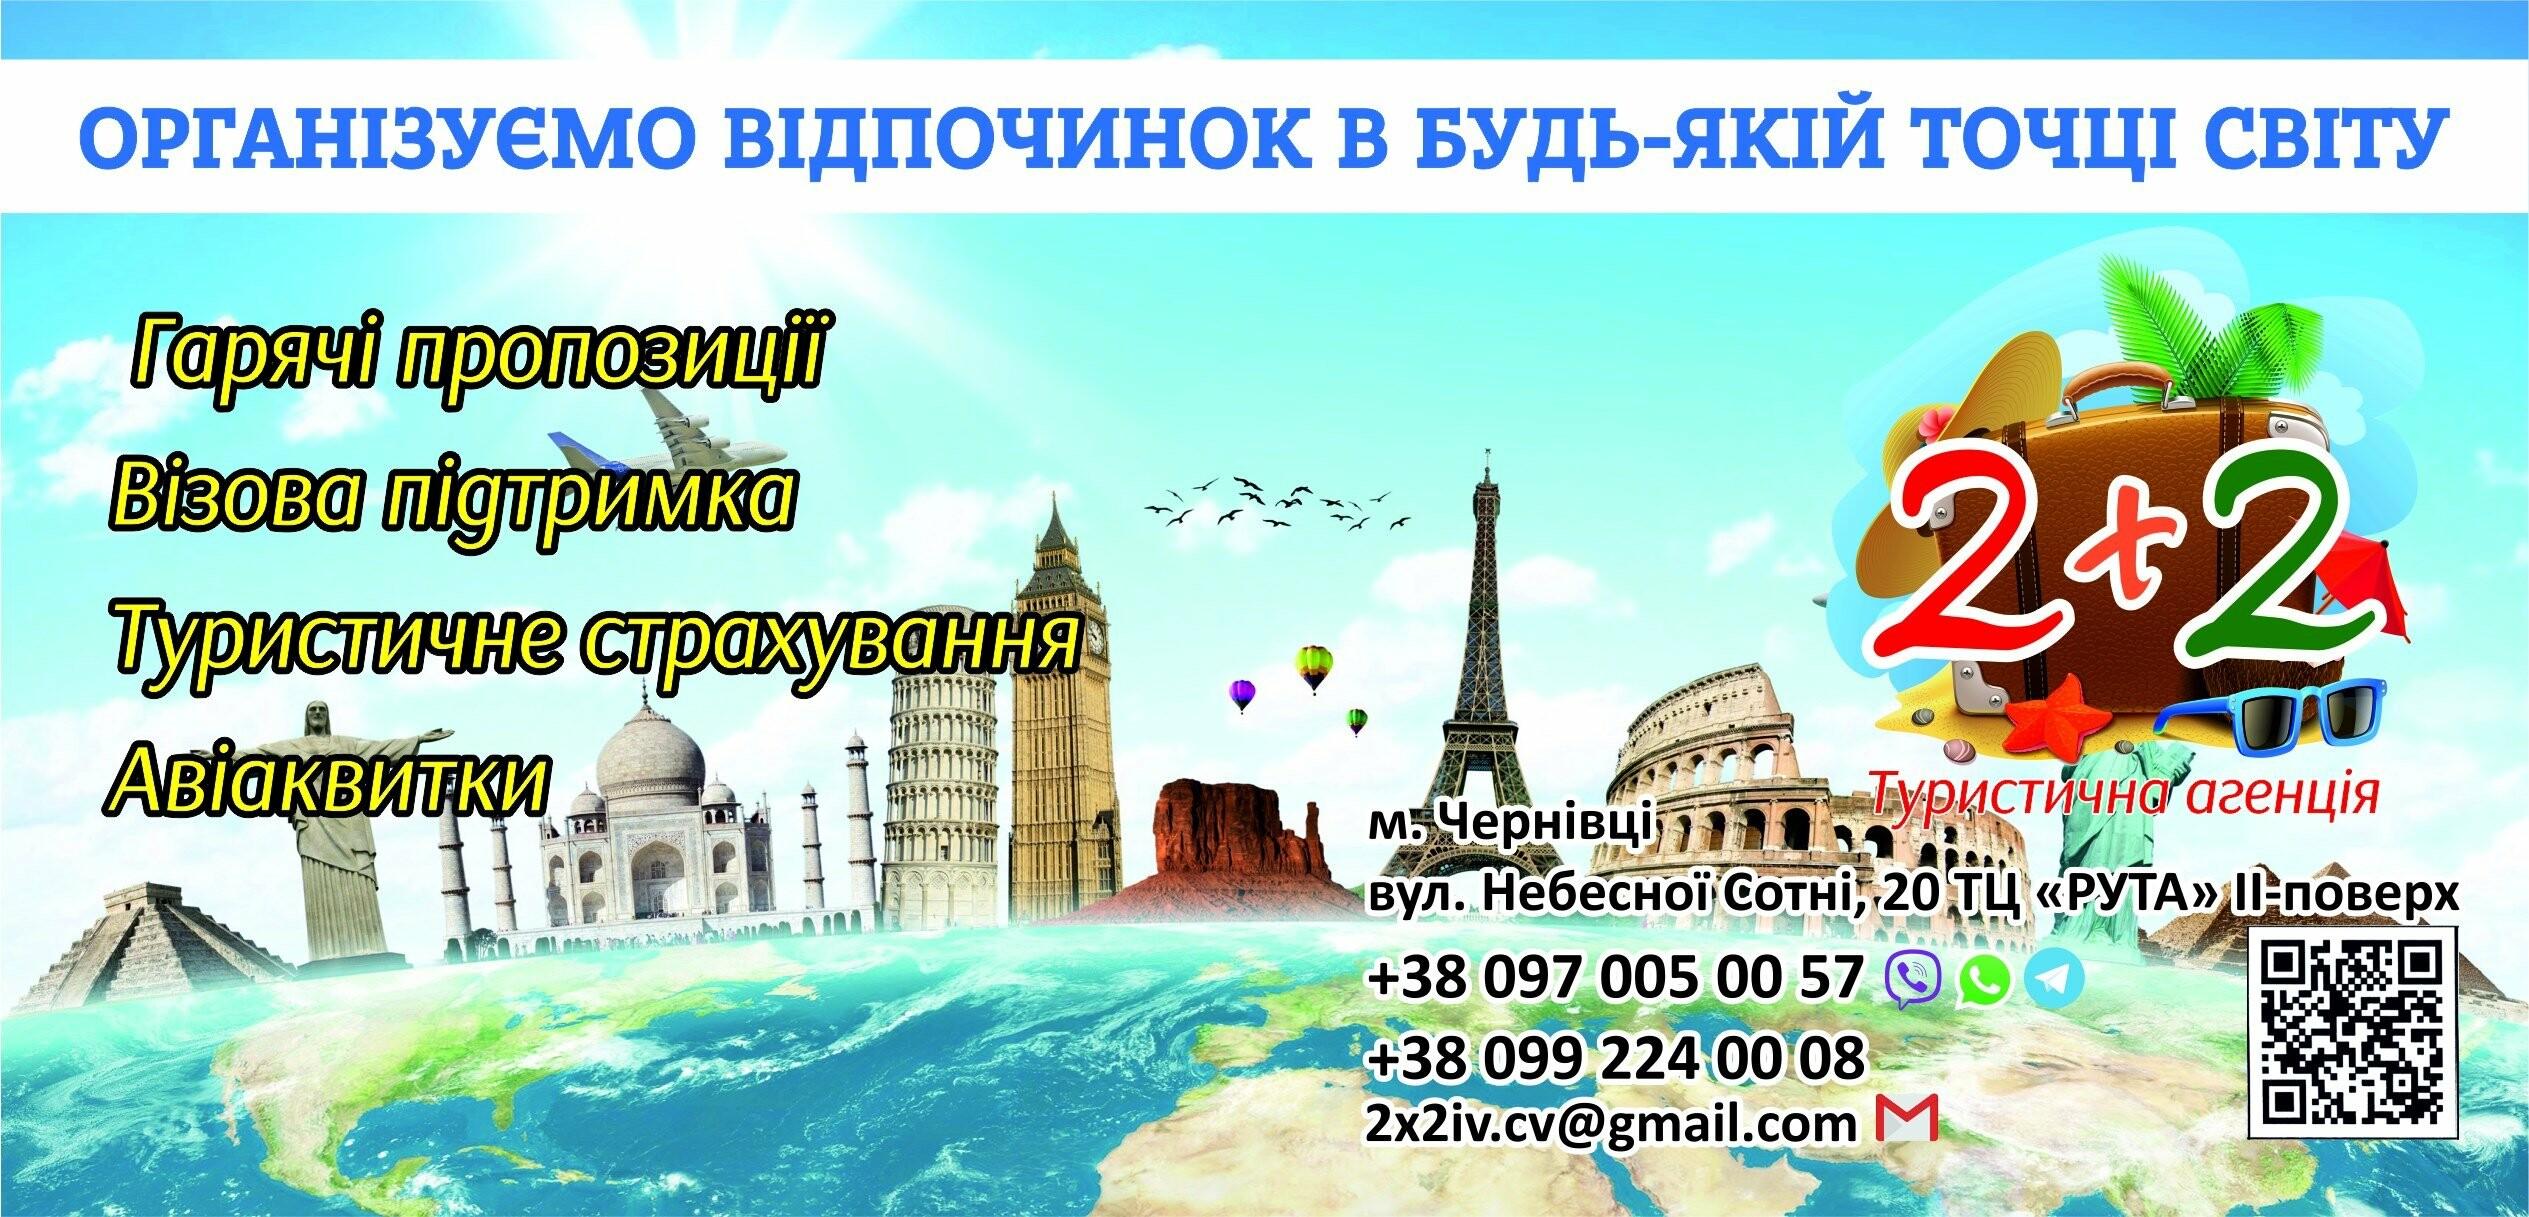 Турагентство 2+2 - тури в Болгарію та інші країни з Чернівців